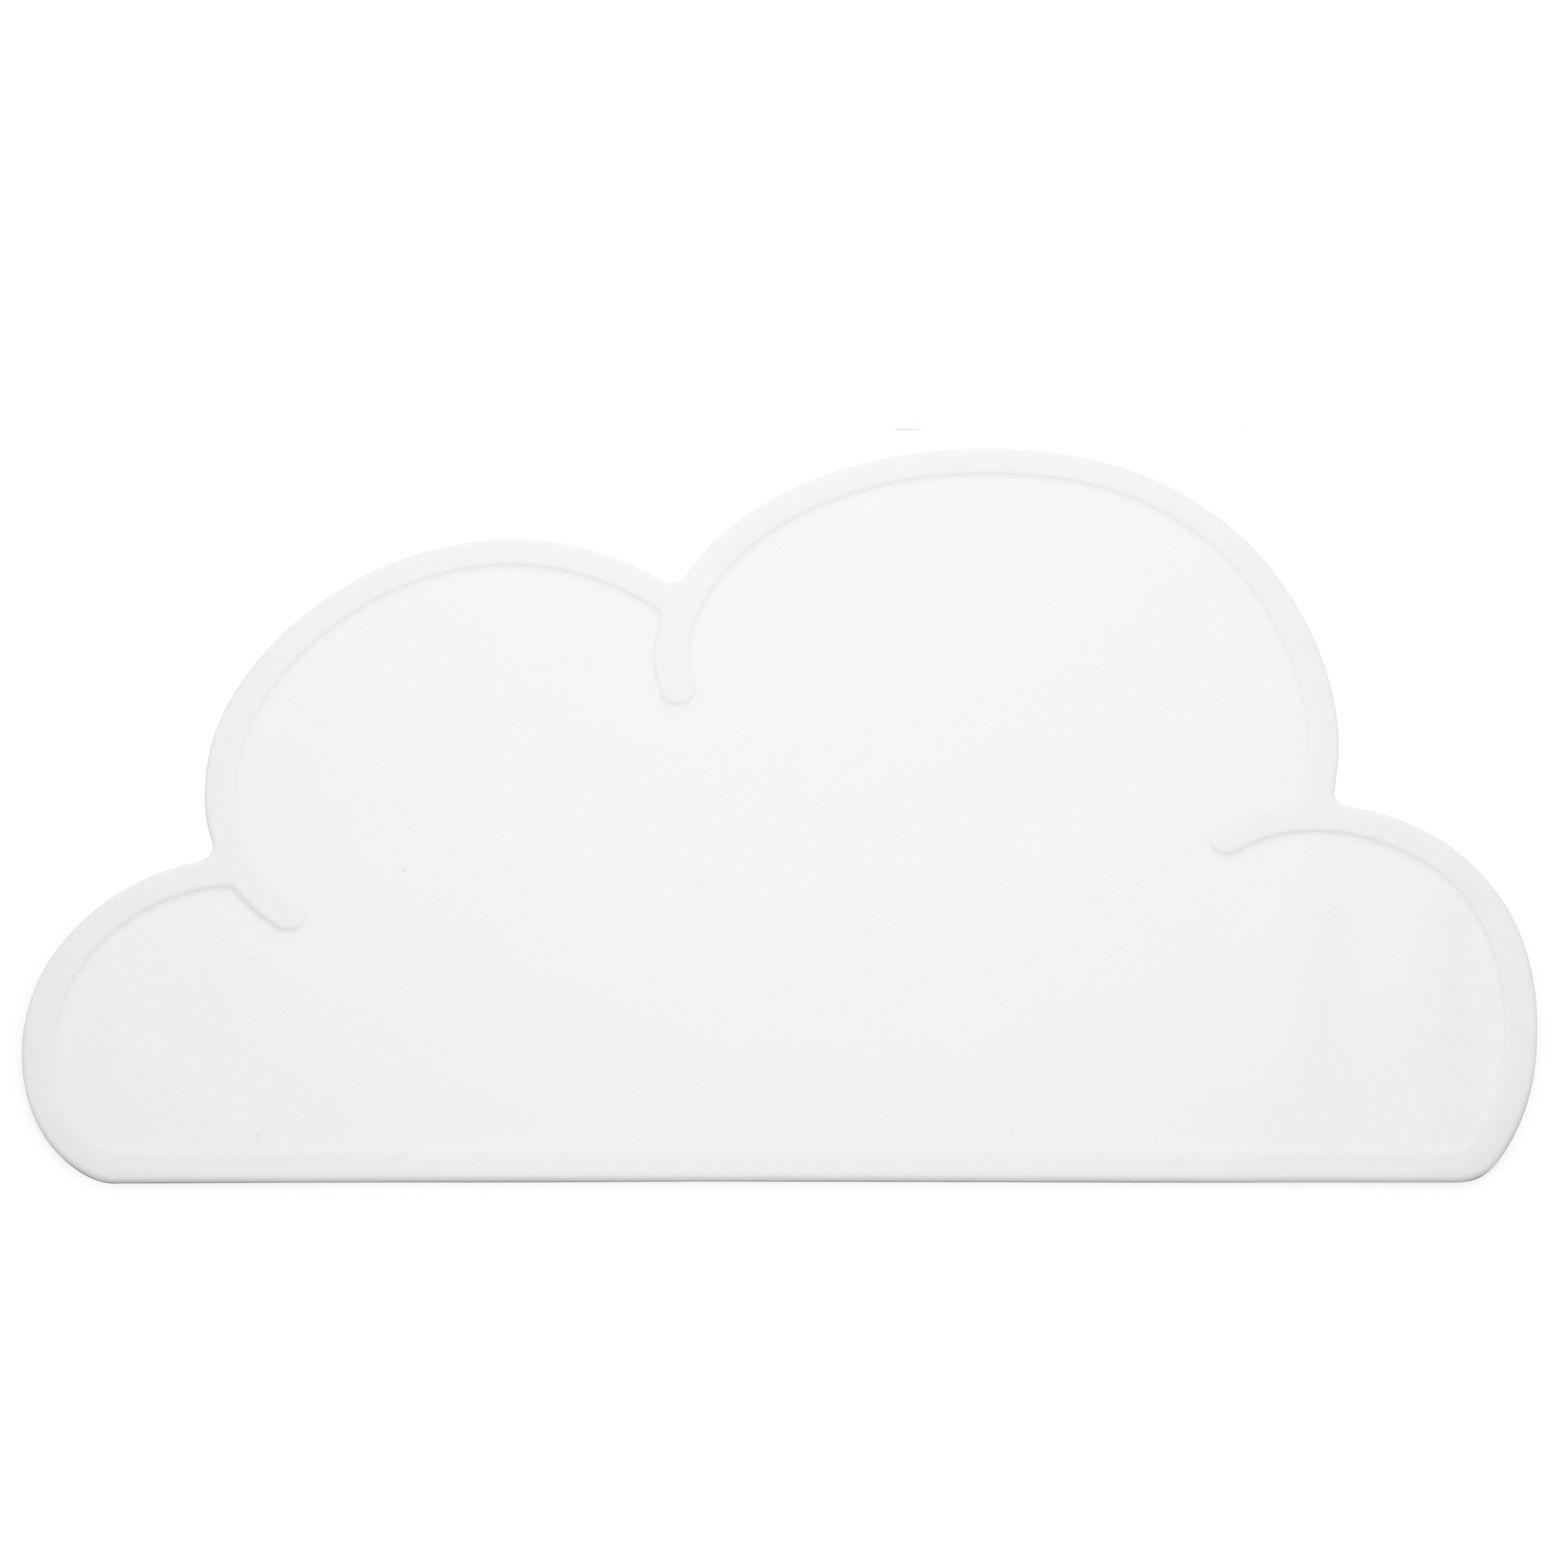 Image of Dækkeserviet fra KG Design - Sky - Hvid (100718)